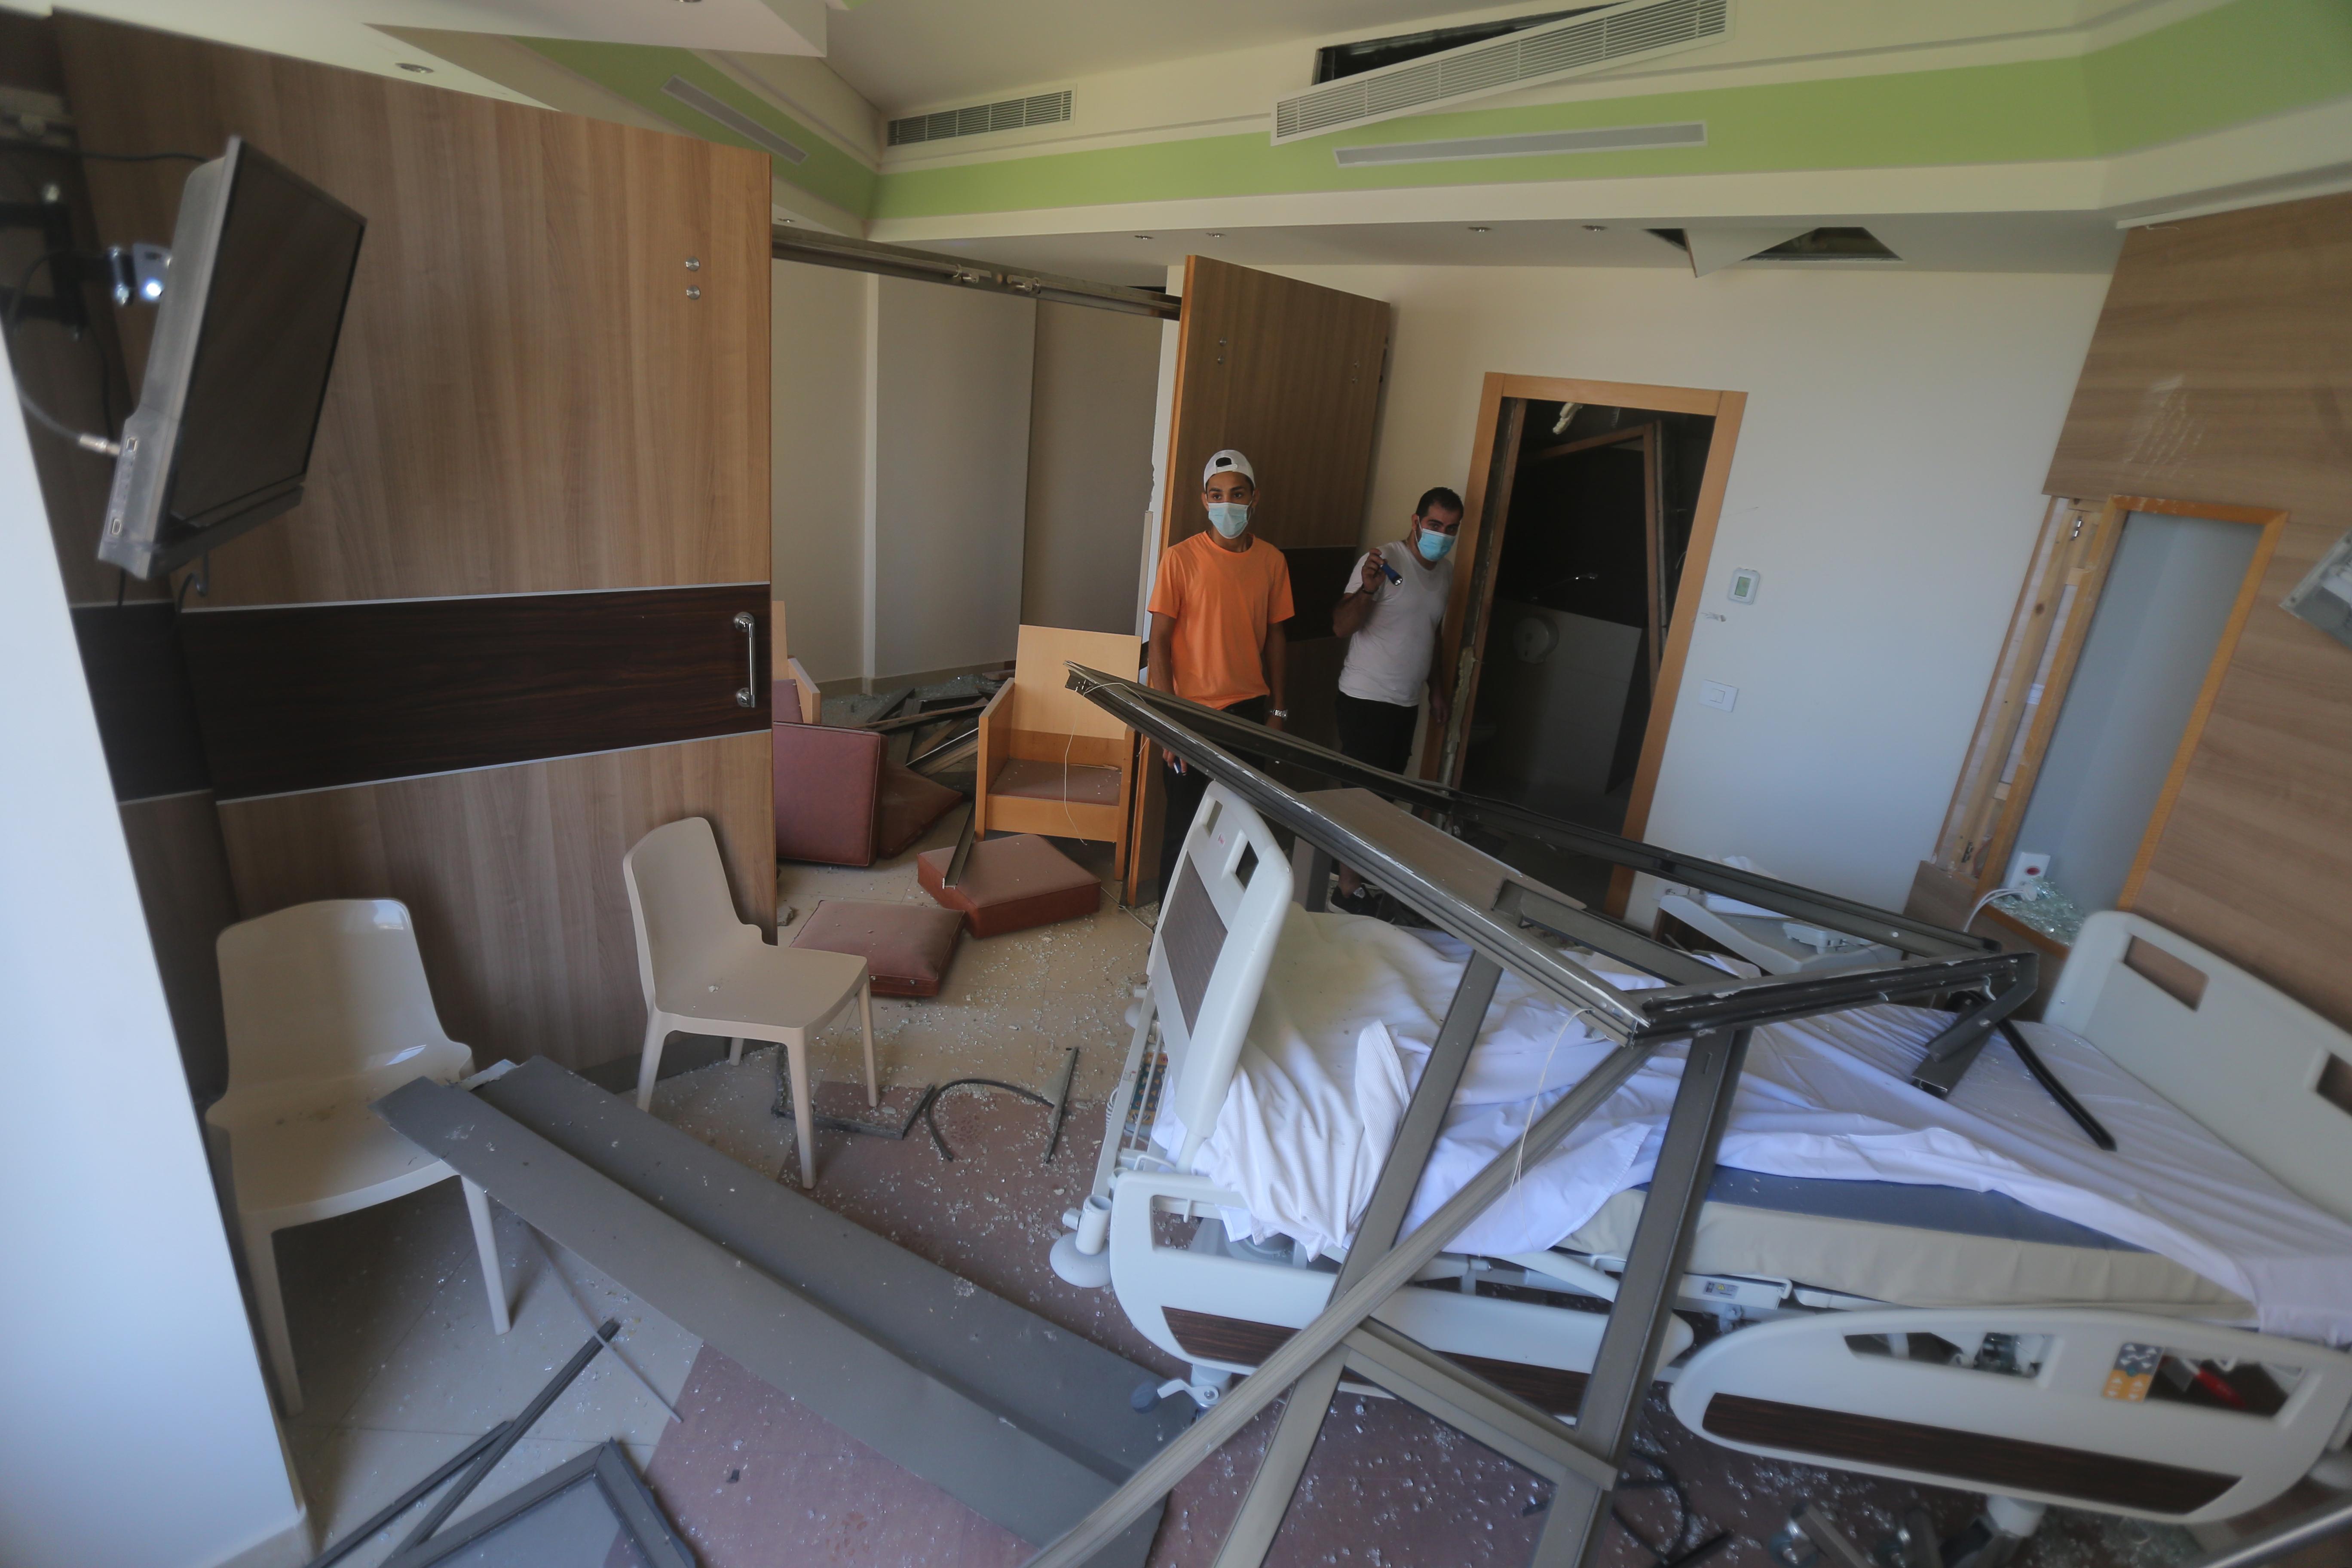 Kórházakat kell bezárni a robbanás és a koronavírus sújtotta Bejrútban